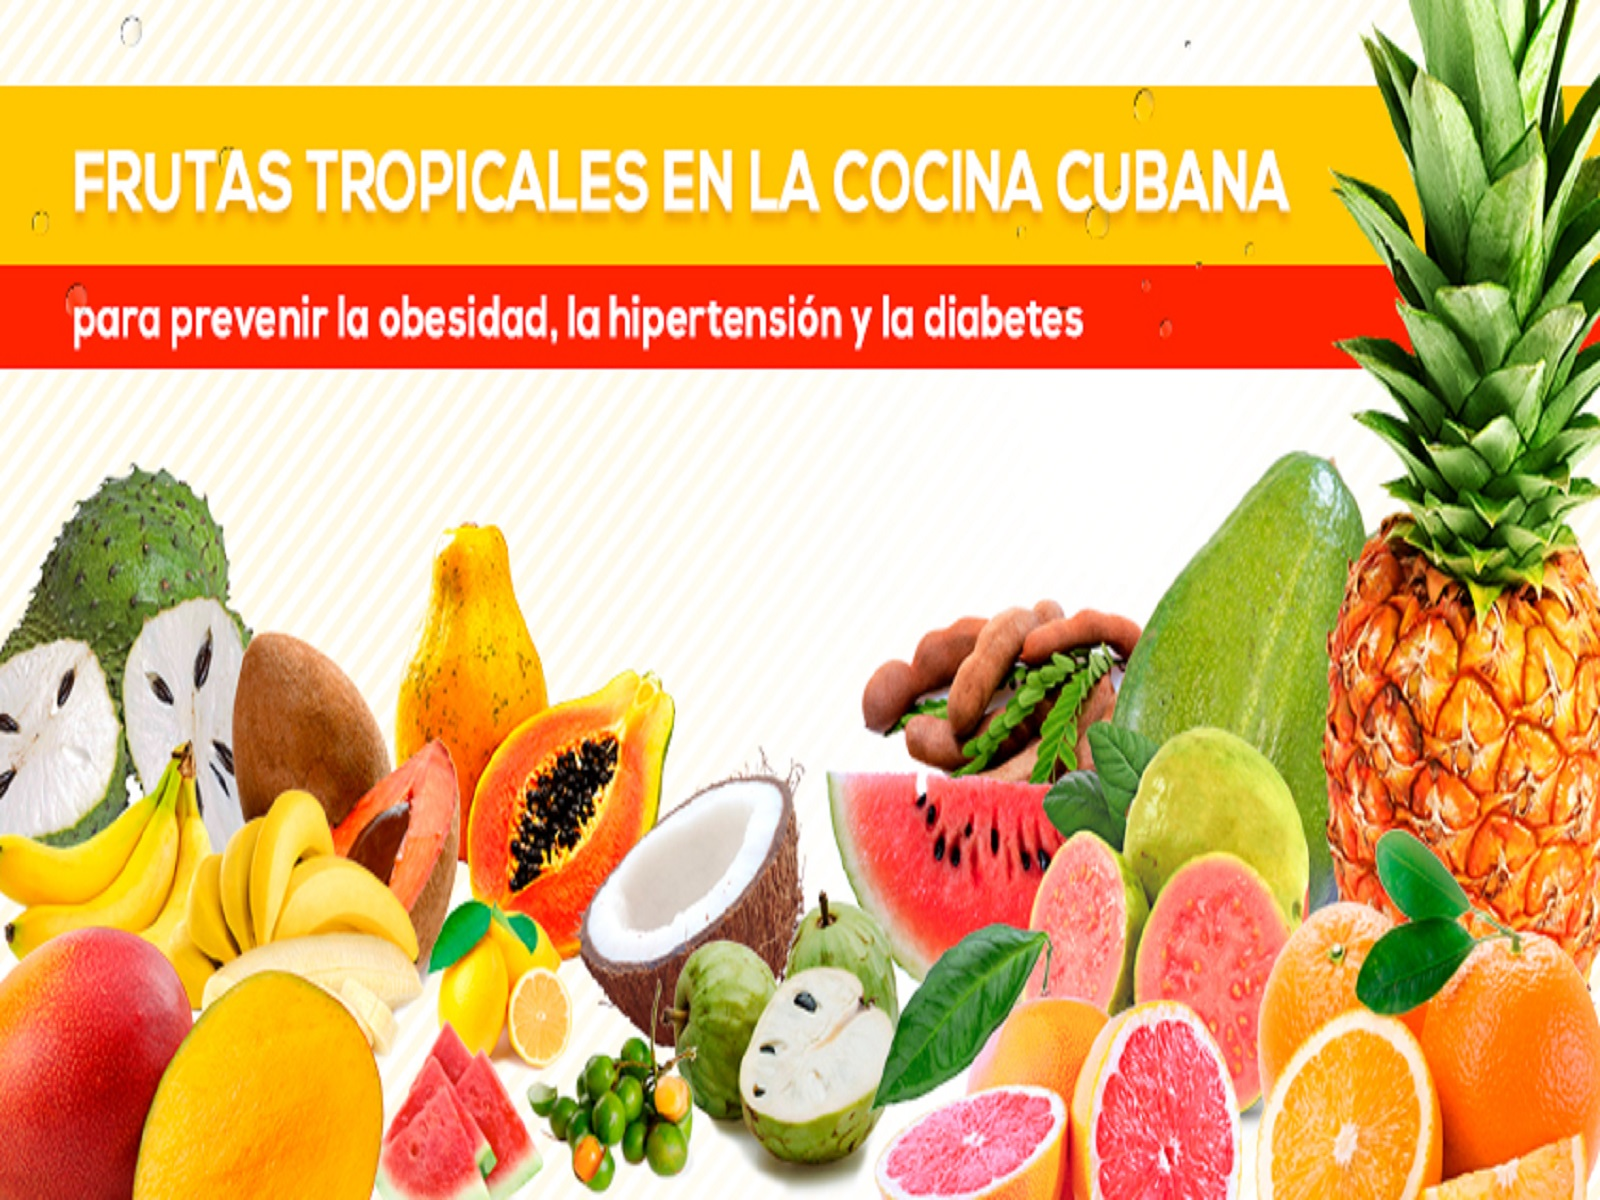 Frutas tropicales